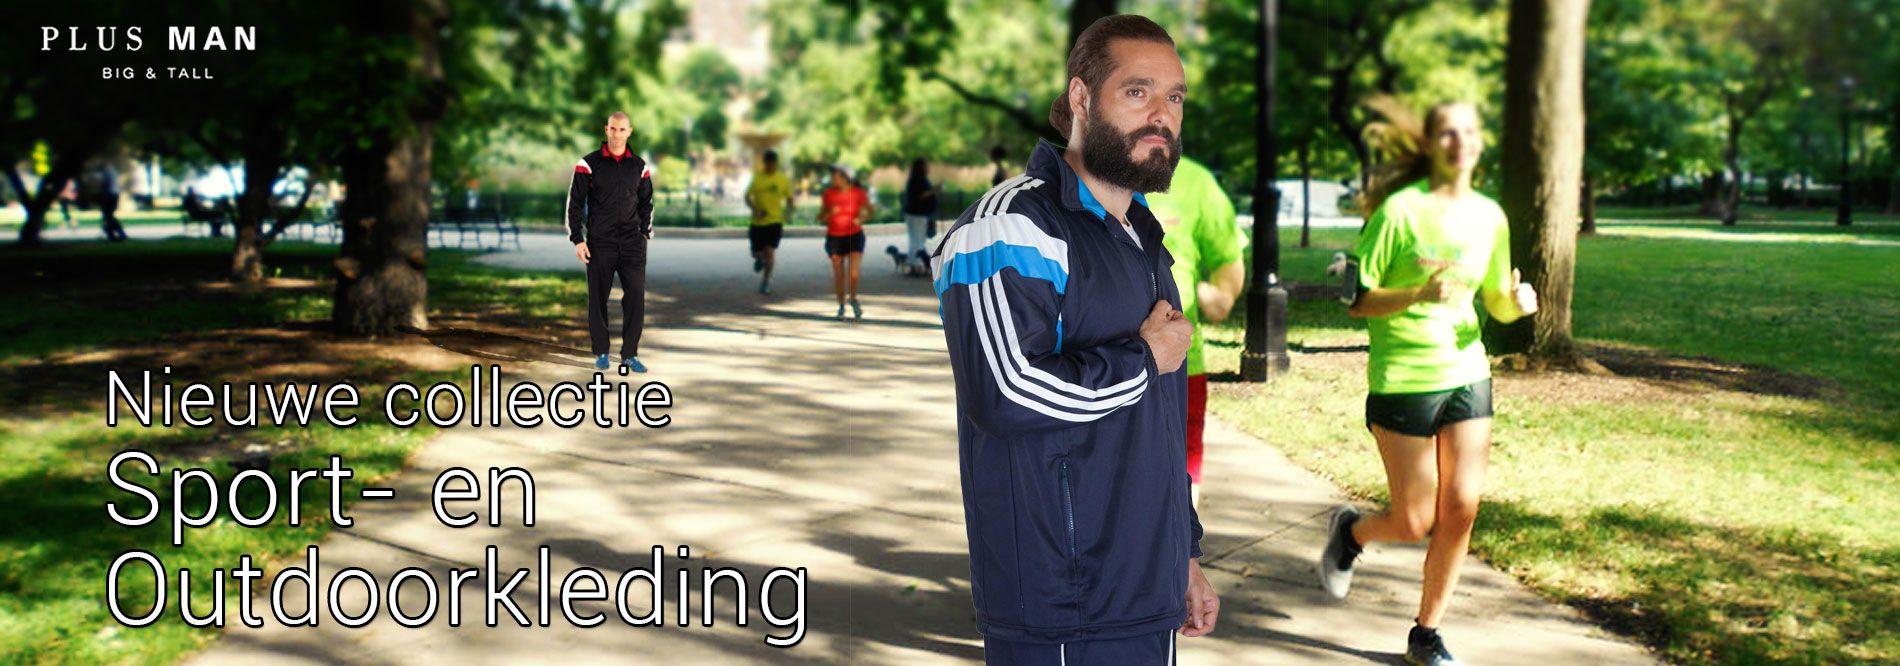 Grote maten sportkleding en outdoorkleding